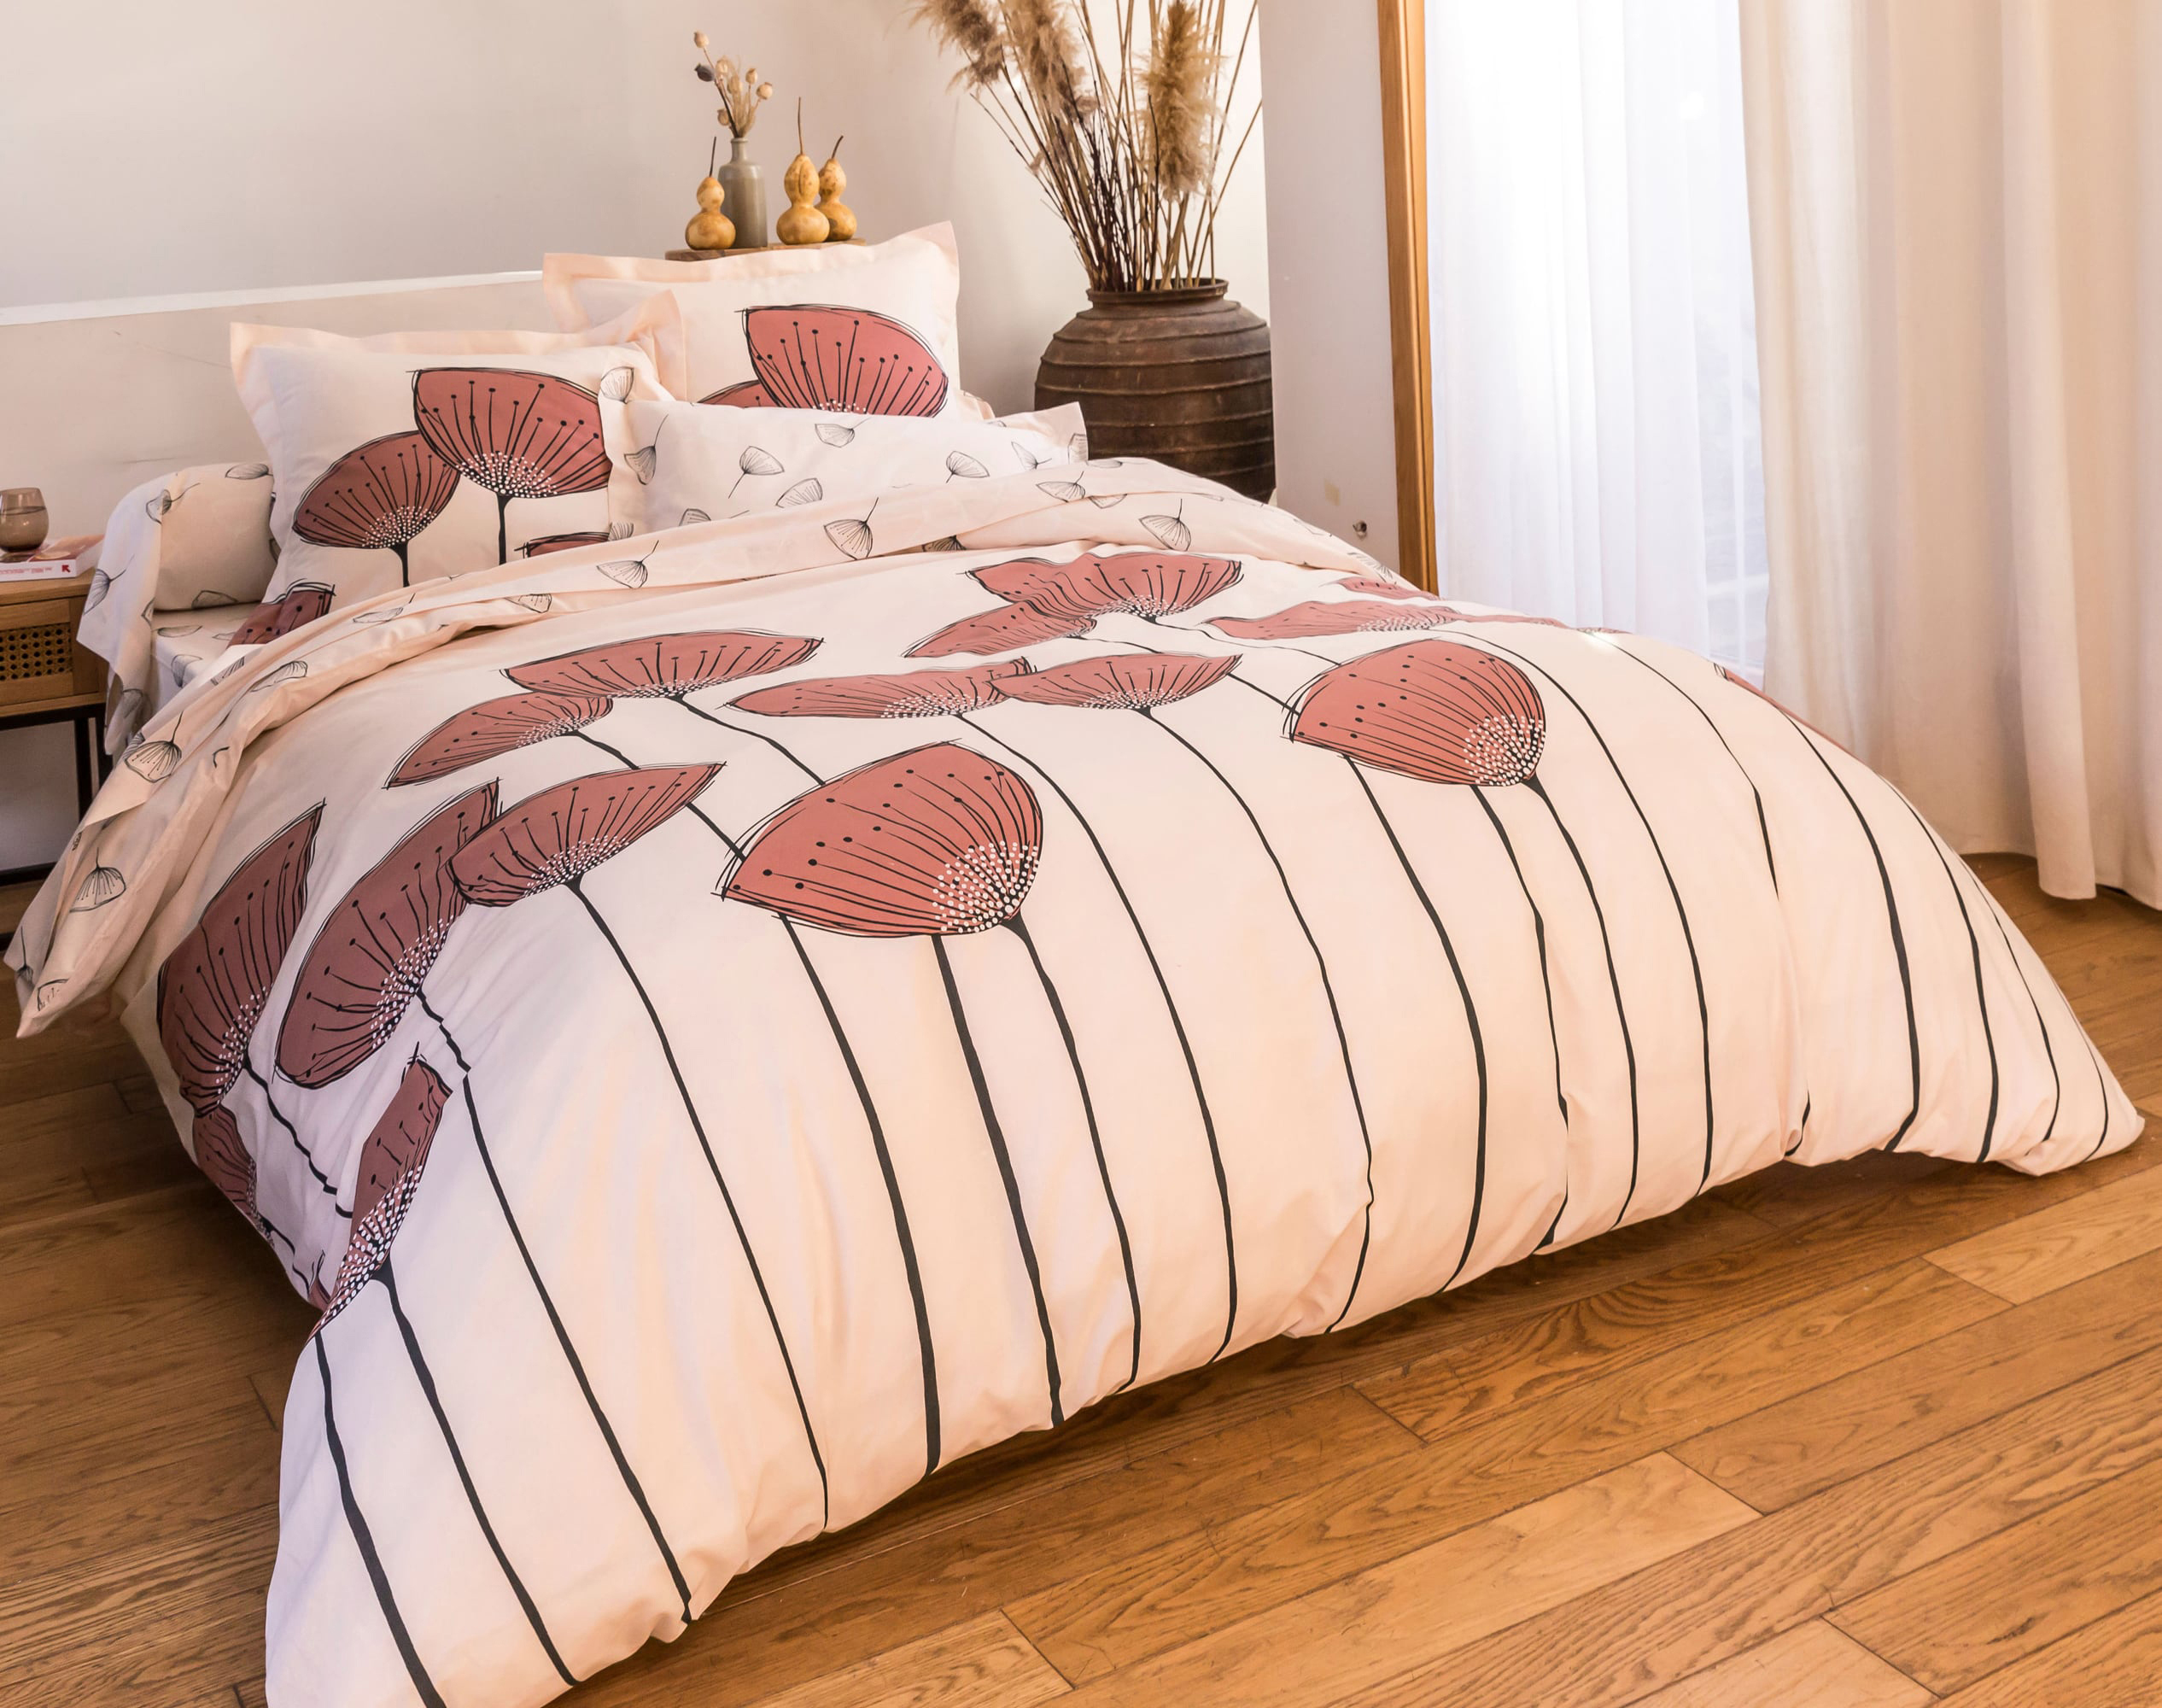 Housse de couette 260x240 en coton rose